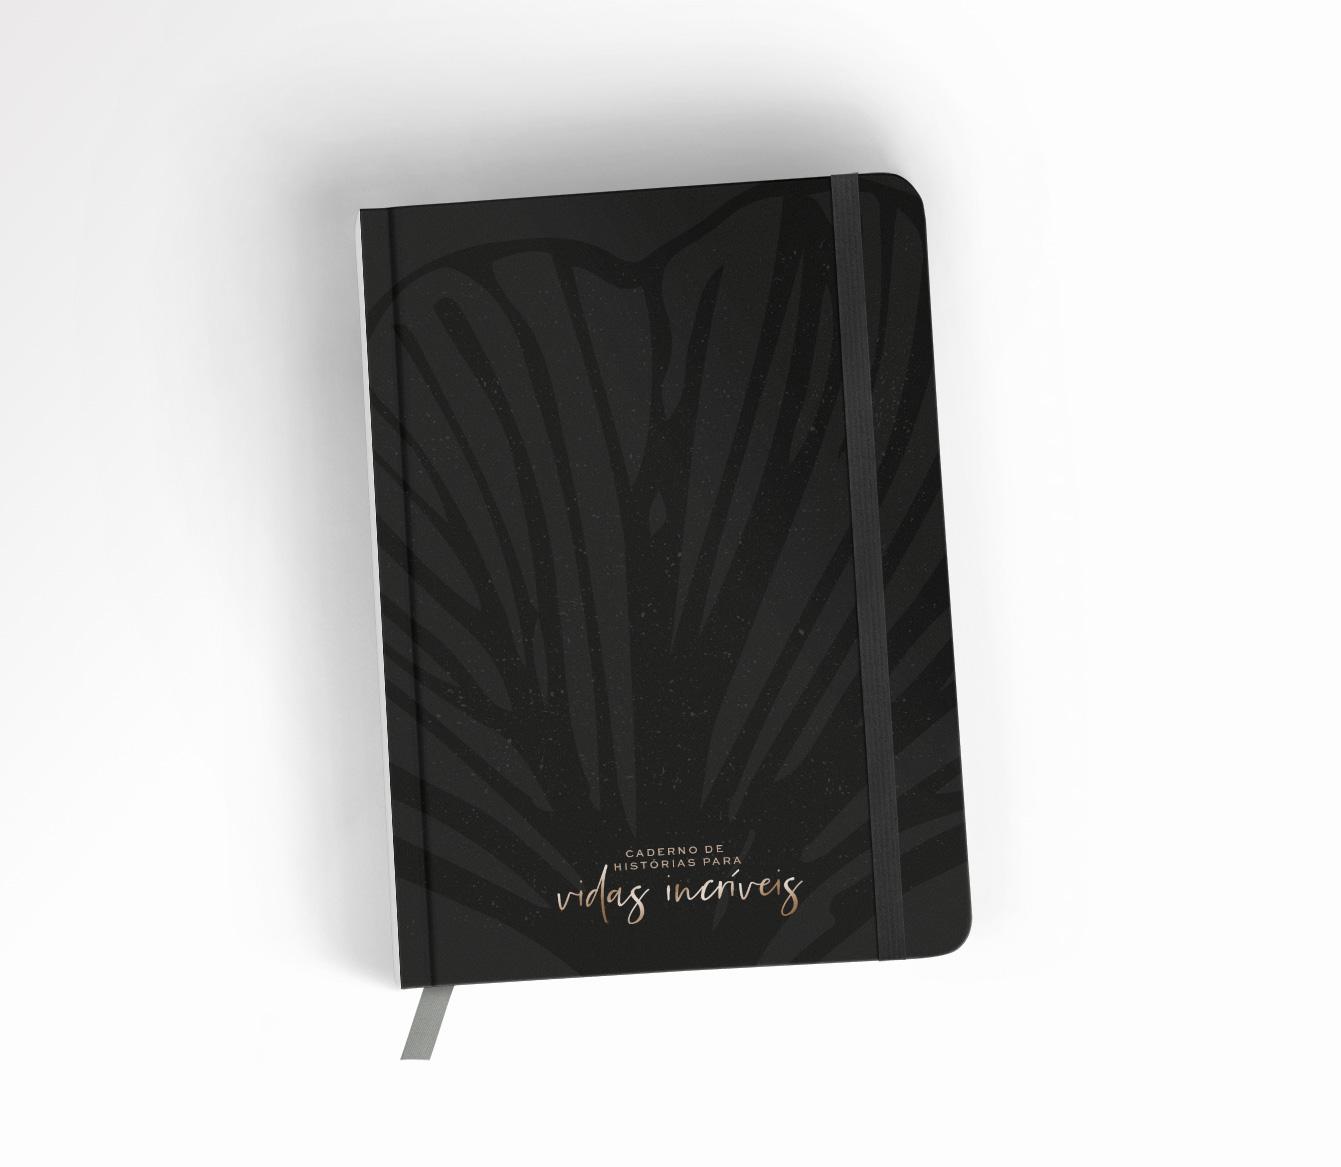 Caderno de Histórias para Vidas Incríveis - Black